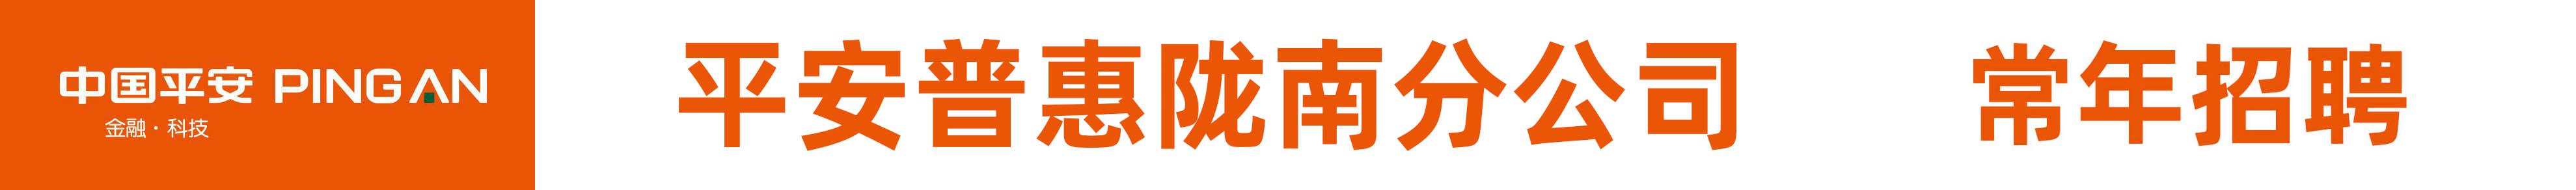 平安普惠陇南分公司